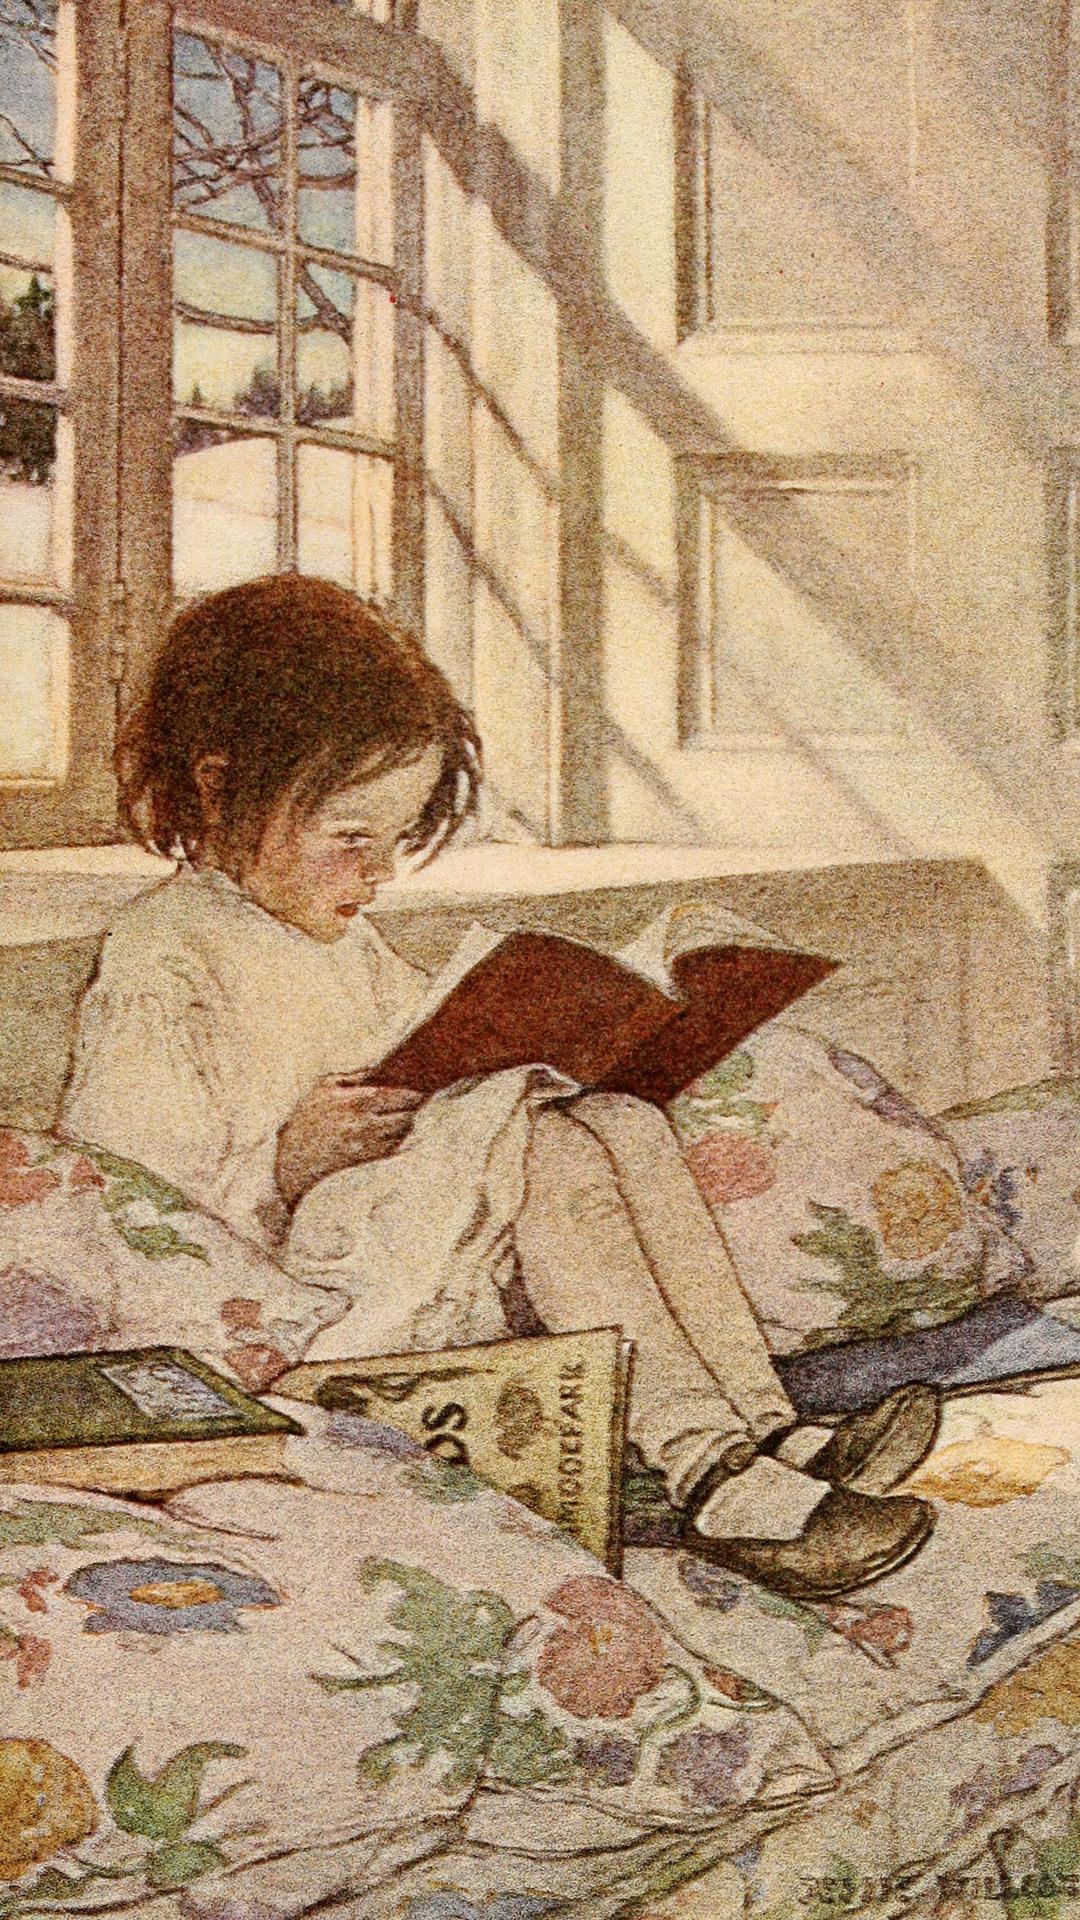 Jessie Willcox Smith-Picture Books in Winter_1080x1920